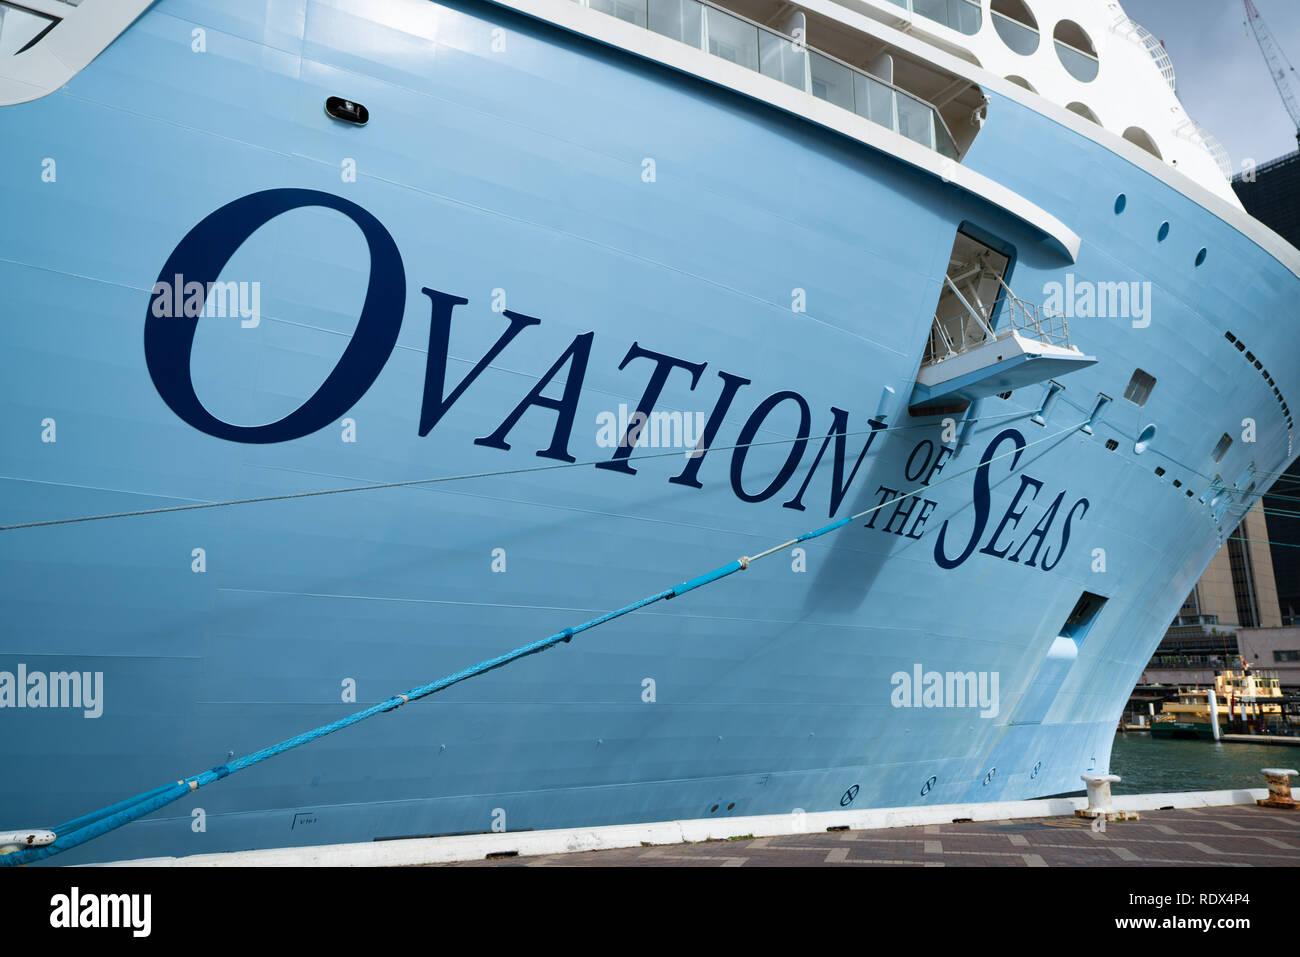 A Ship With No Name